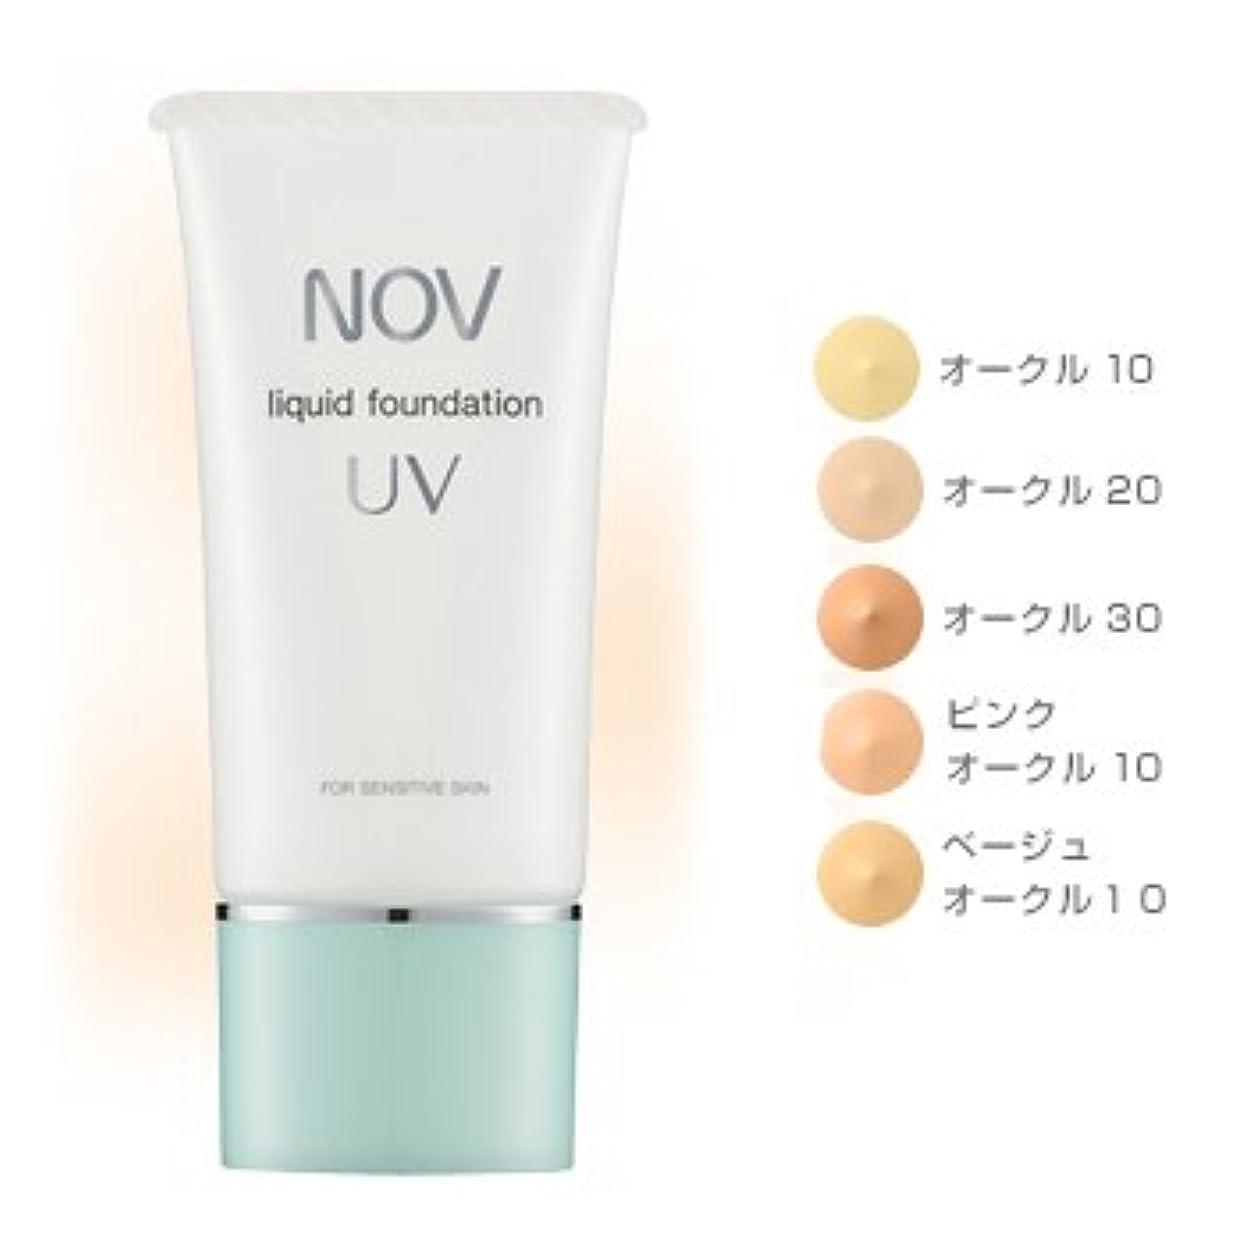 名目上の政策脊椎ノブ リキッドファンデーション UV (オークル10)